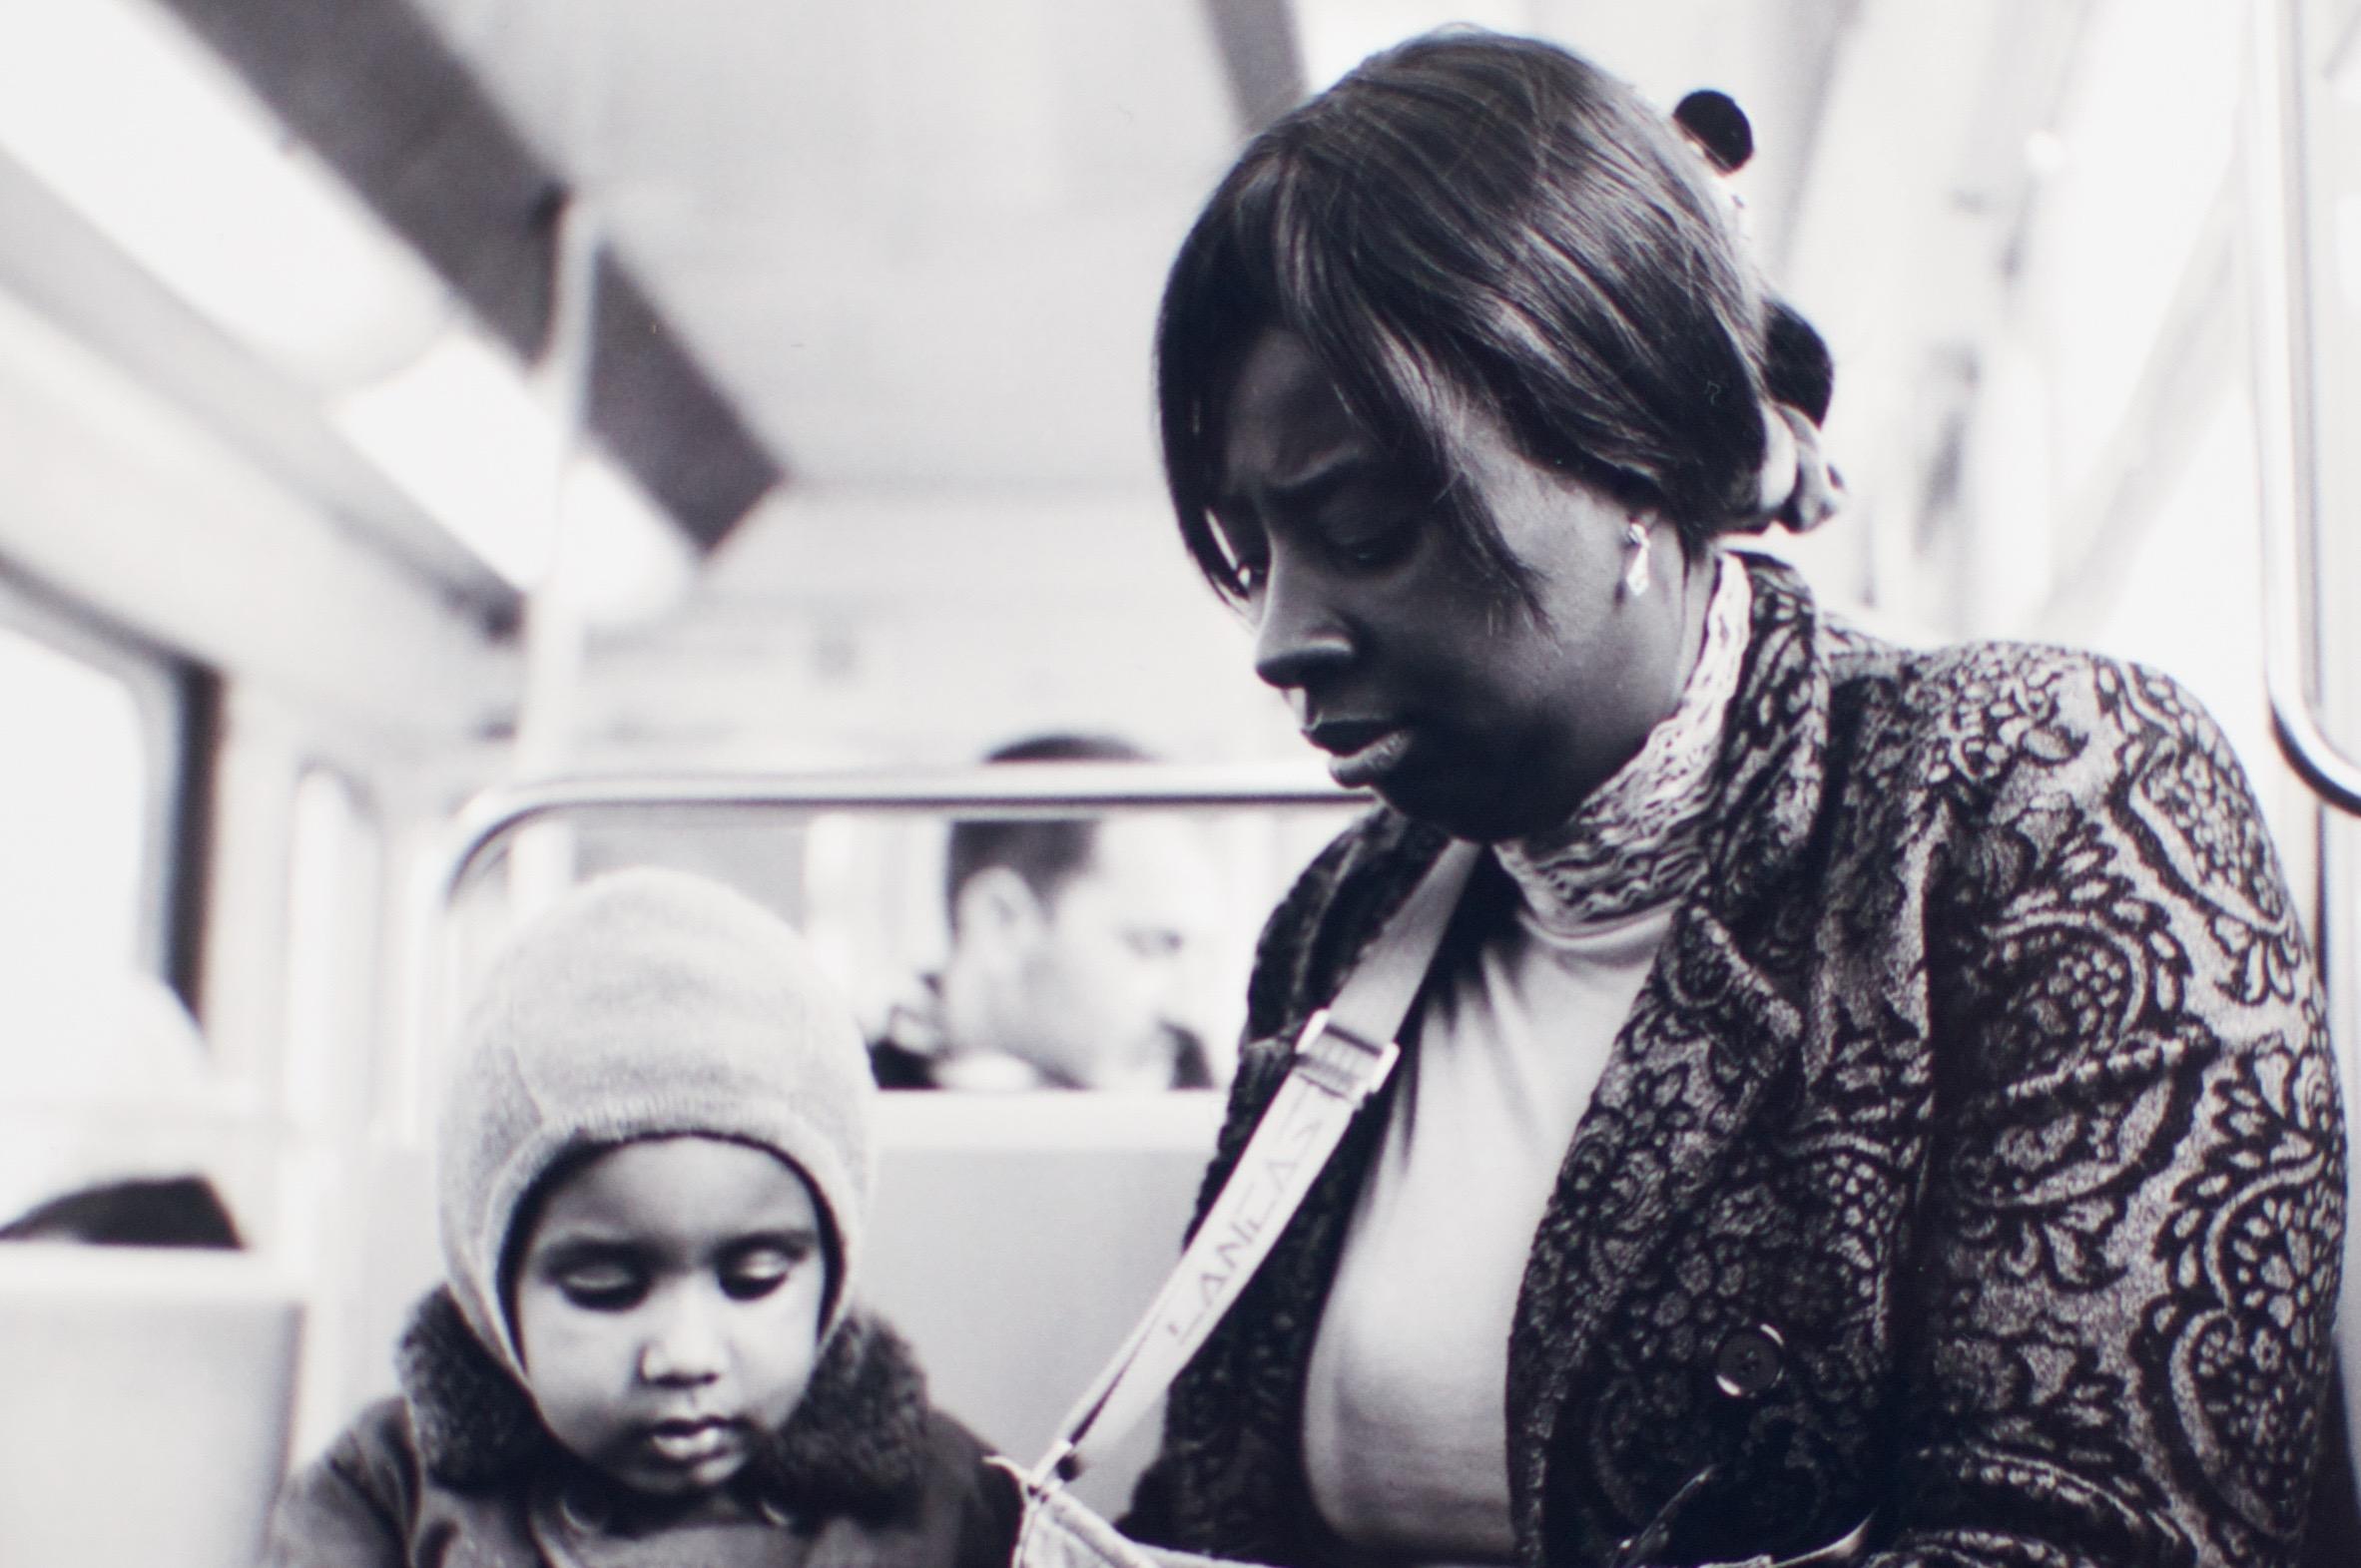 La jeune femme et l'enfant dans le métro